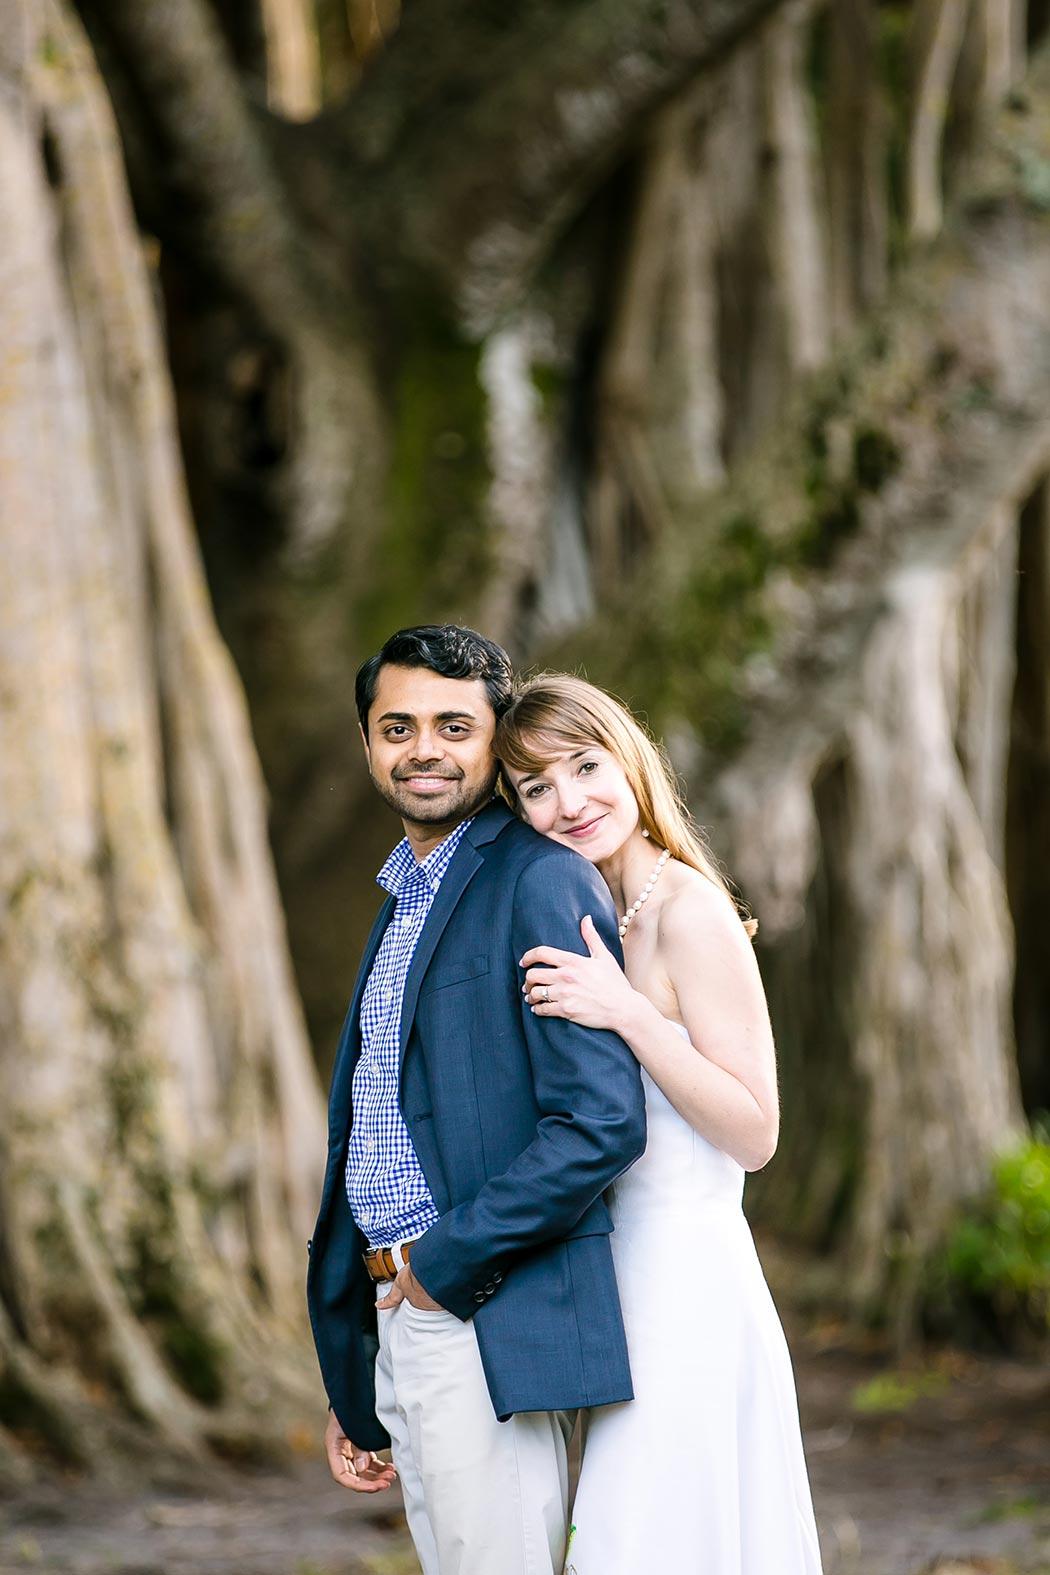 unique posing idea for engagement photoshoot | hugh taylor birch park engagement photography